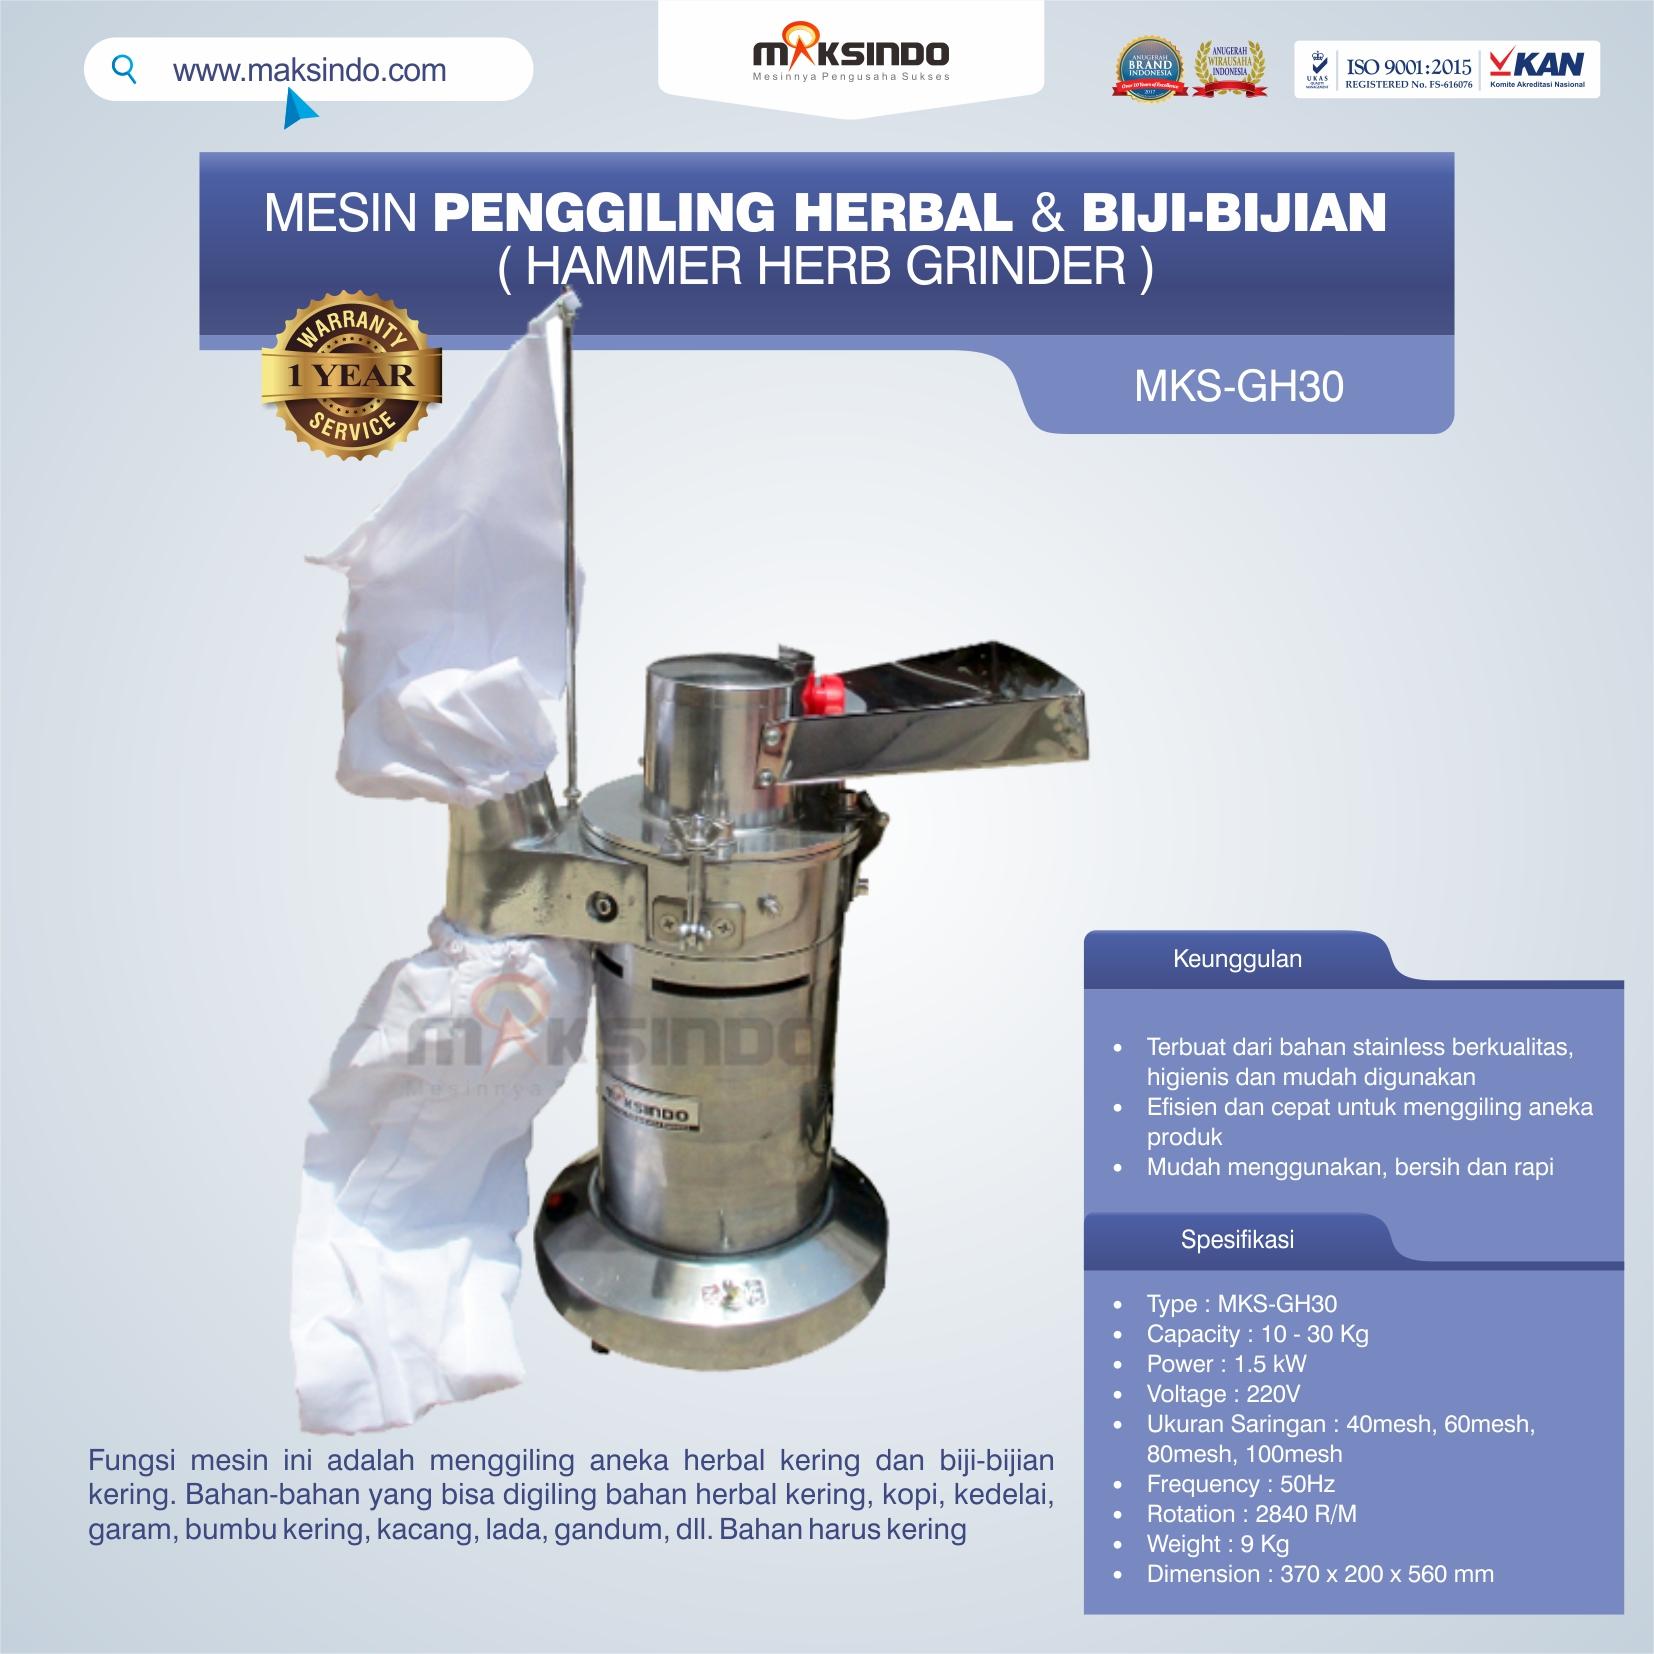 Jual Penggiling Herbal dan Biji-Bijian (GH-30) di Tangerang